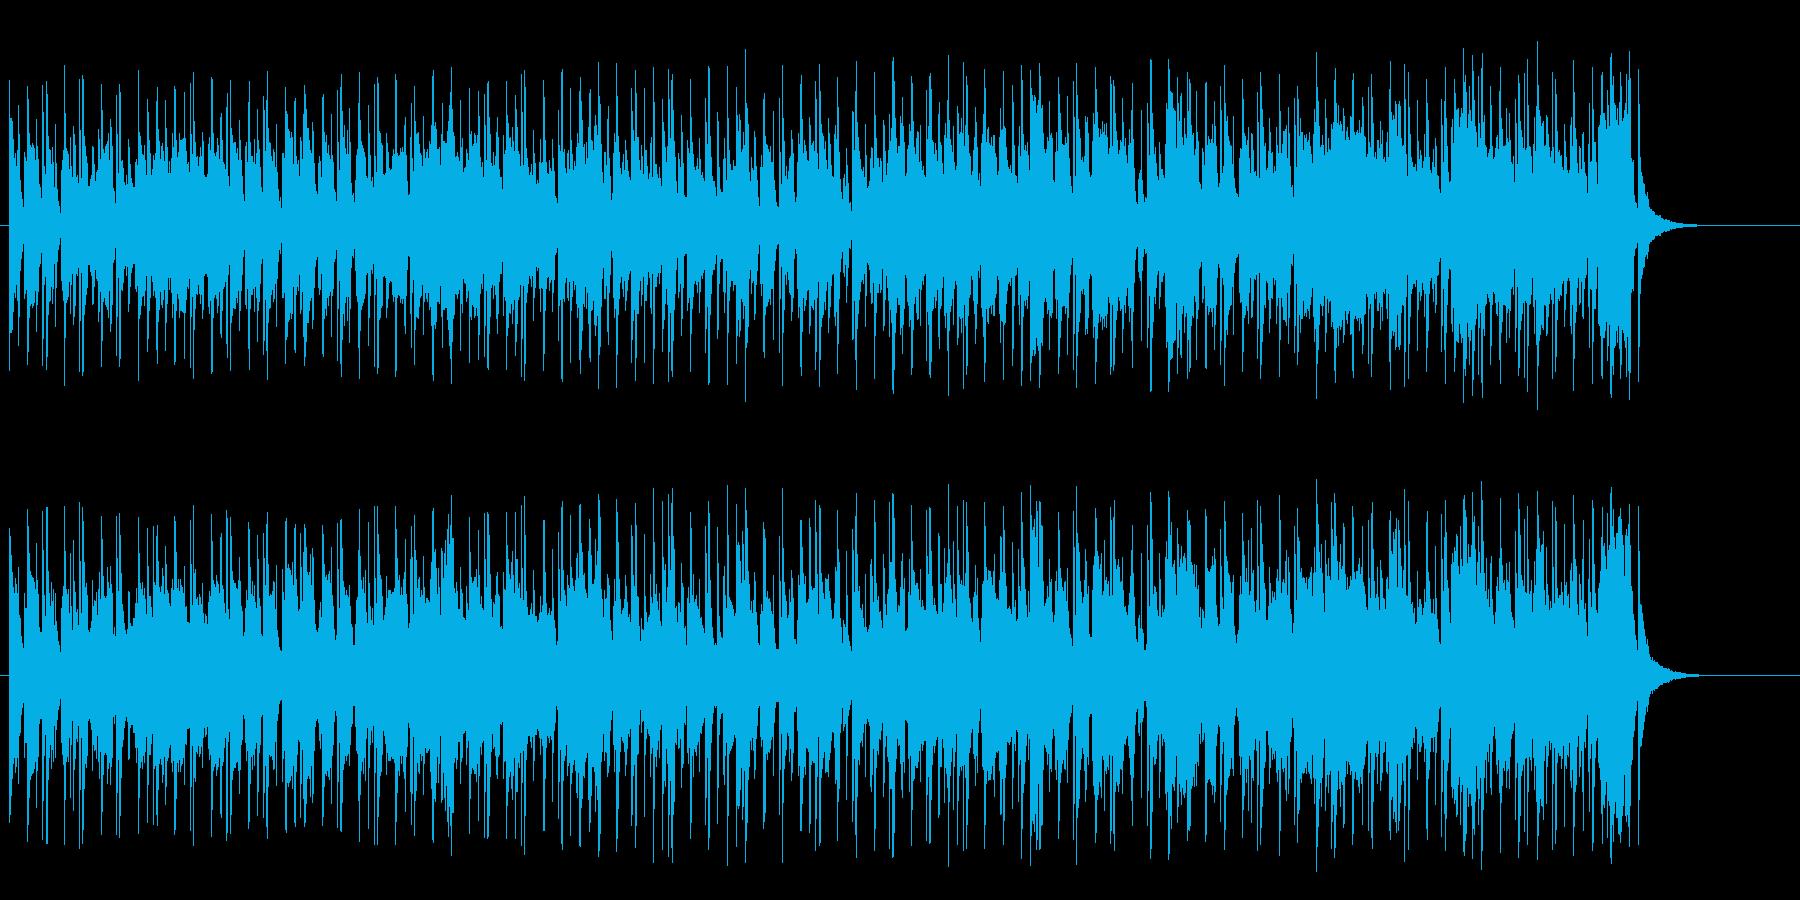 のんびりとした温泉情報溢れるポップ/和風の再生済みの波形